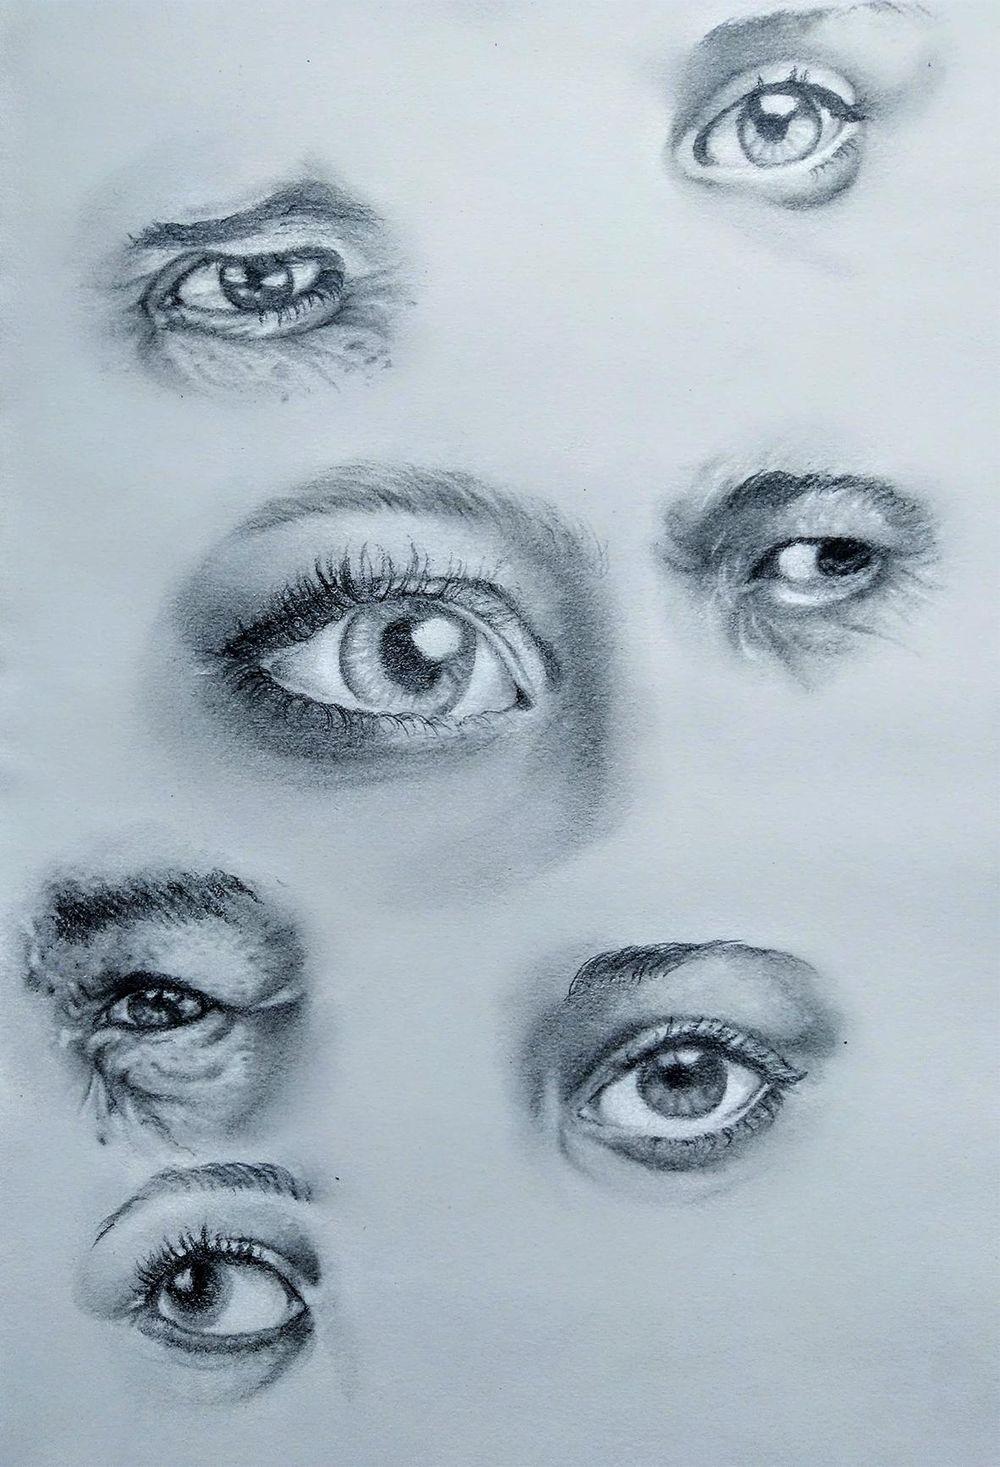 Pencil Portrait - practice - image 5 - student project